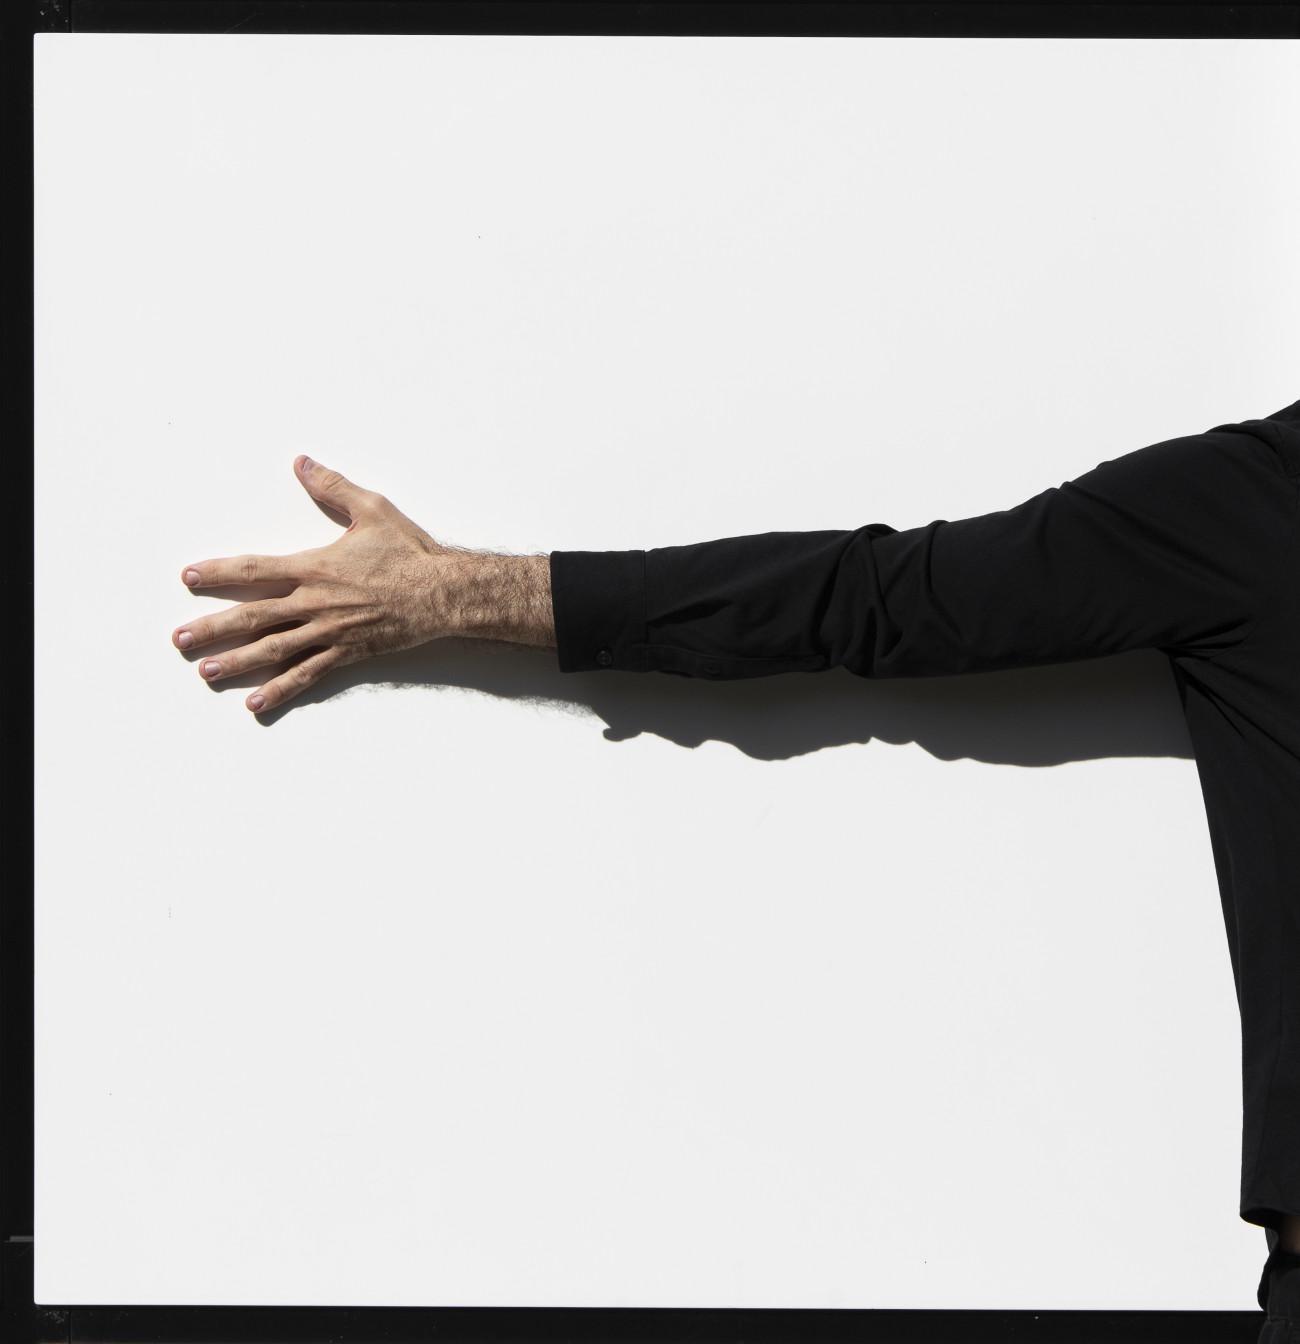 Steve Giasson. Performance invisible n° 241 (Enlacer uneœuvre d'art). Jean Pierre Raynaud. Autoportrait. 1987 / 2018. Performeur : Steve Giasson. Crédit photographique : Martin Vinette. Retouches photographiques : Daniel Roy. Parc de l'Amérique-Française, Québec. 6 septembre 2020.